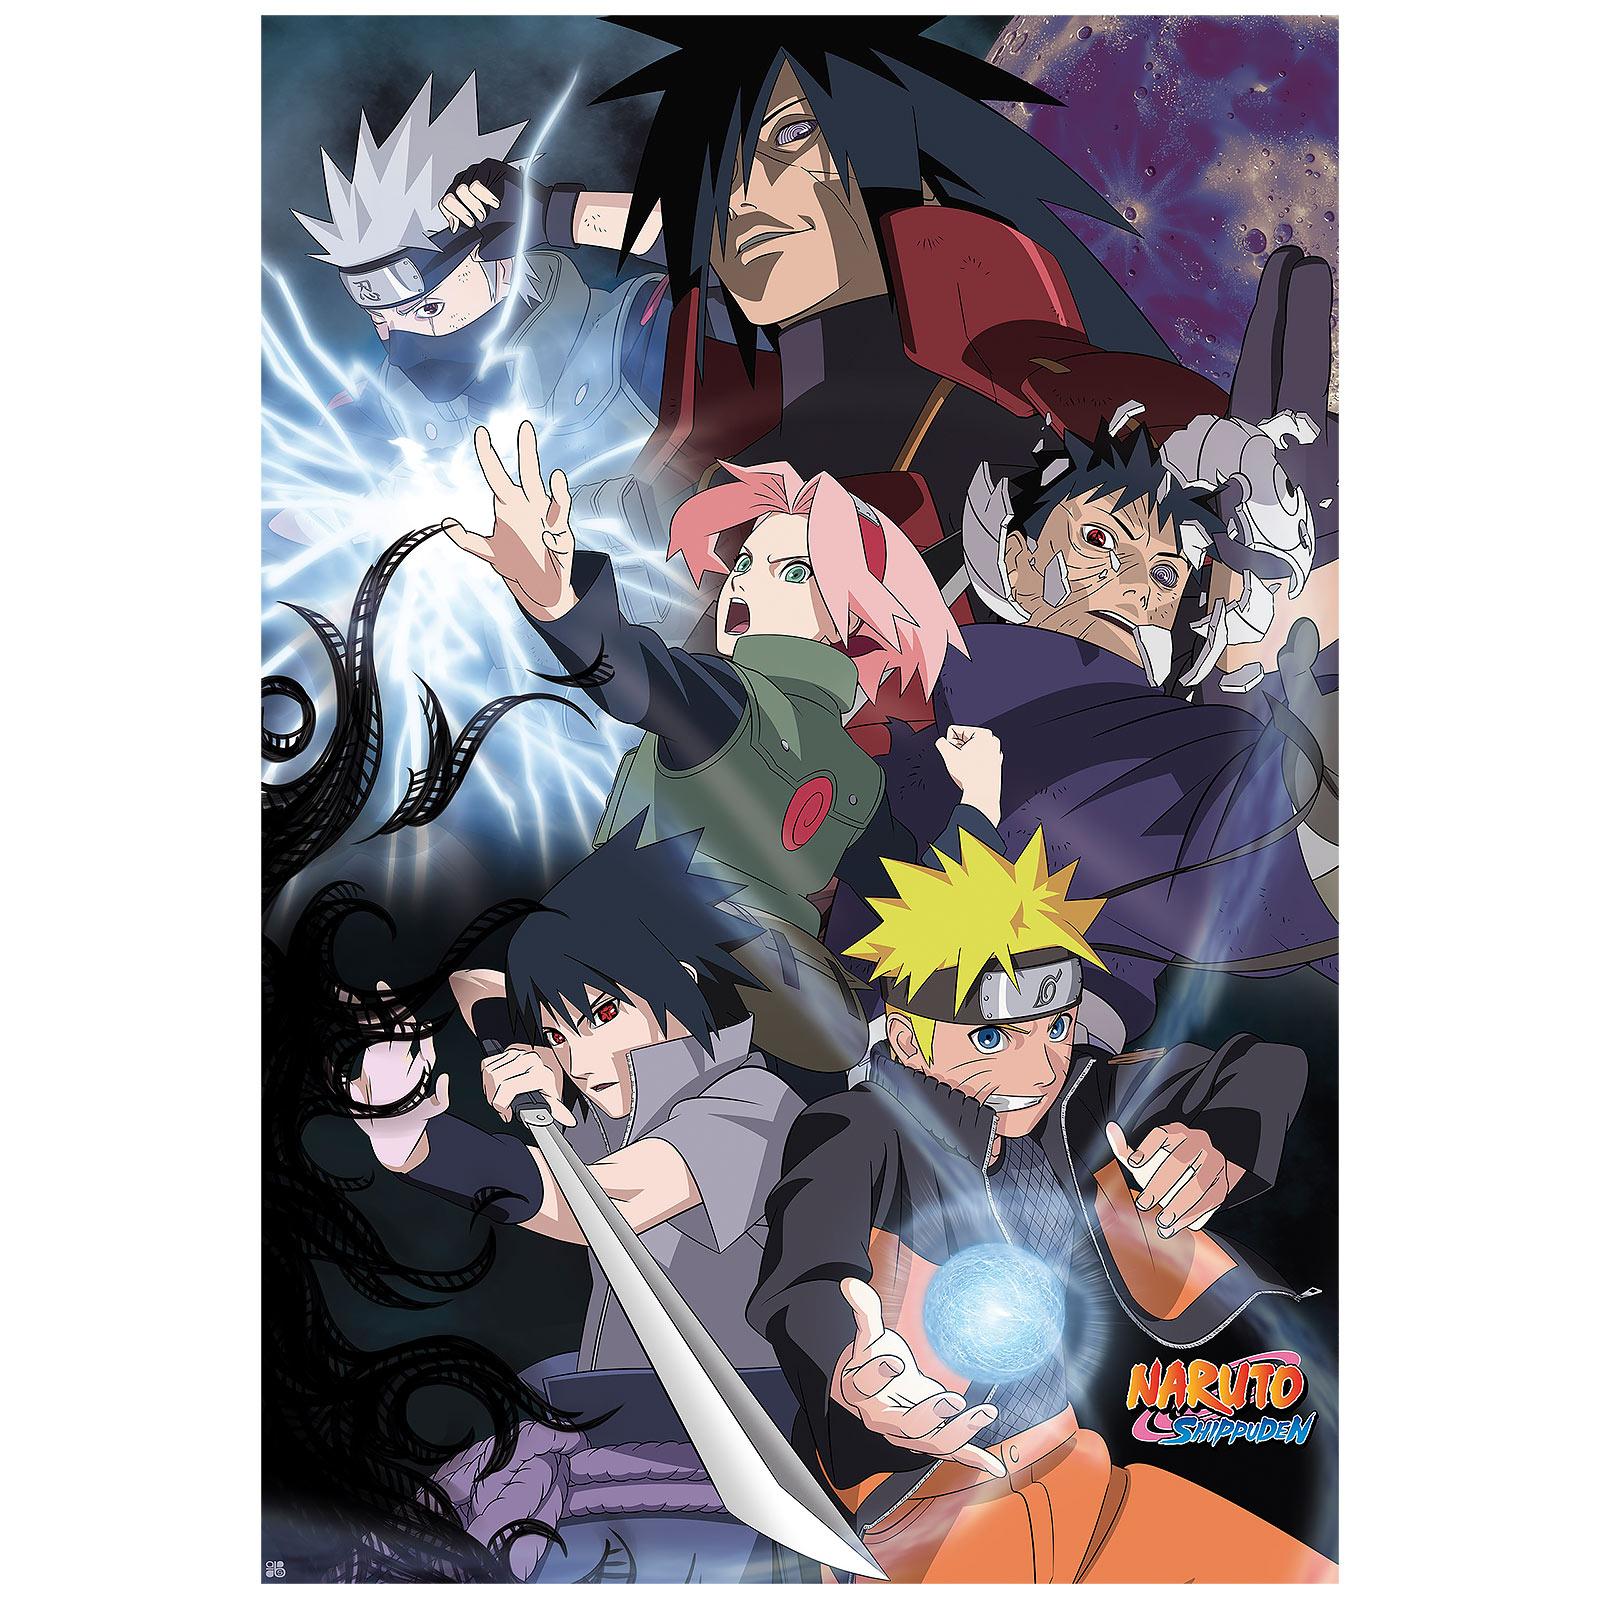 Naruto - Ninja War Maxi Poster